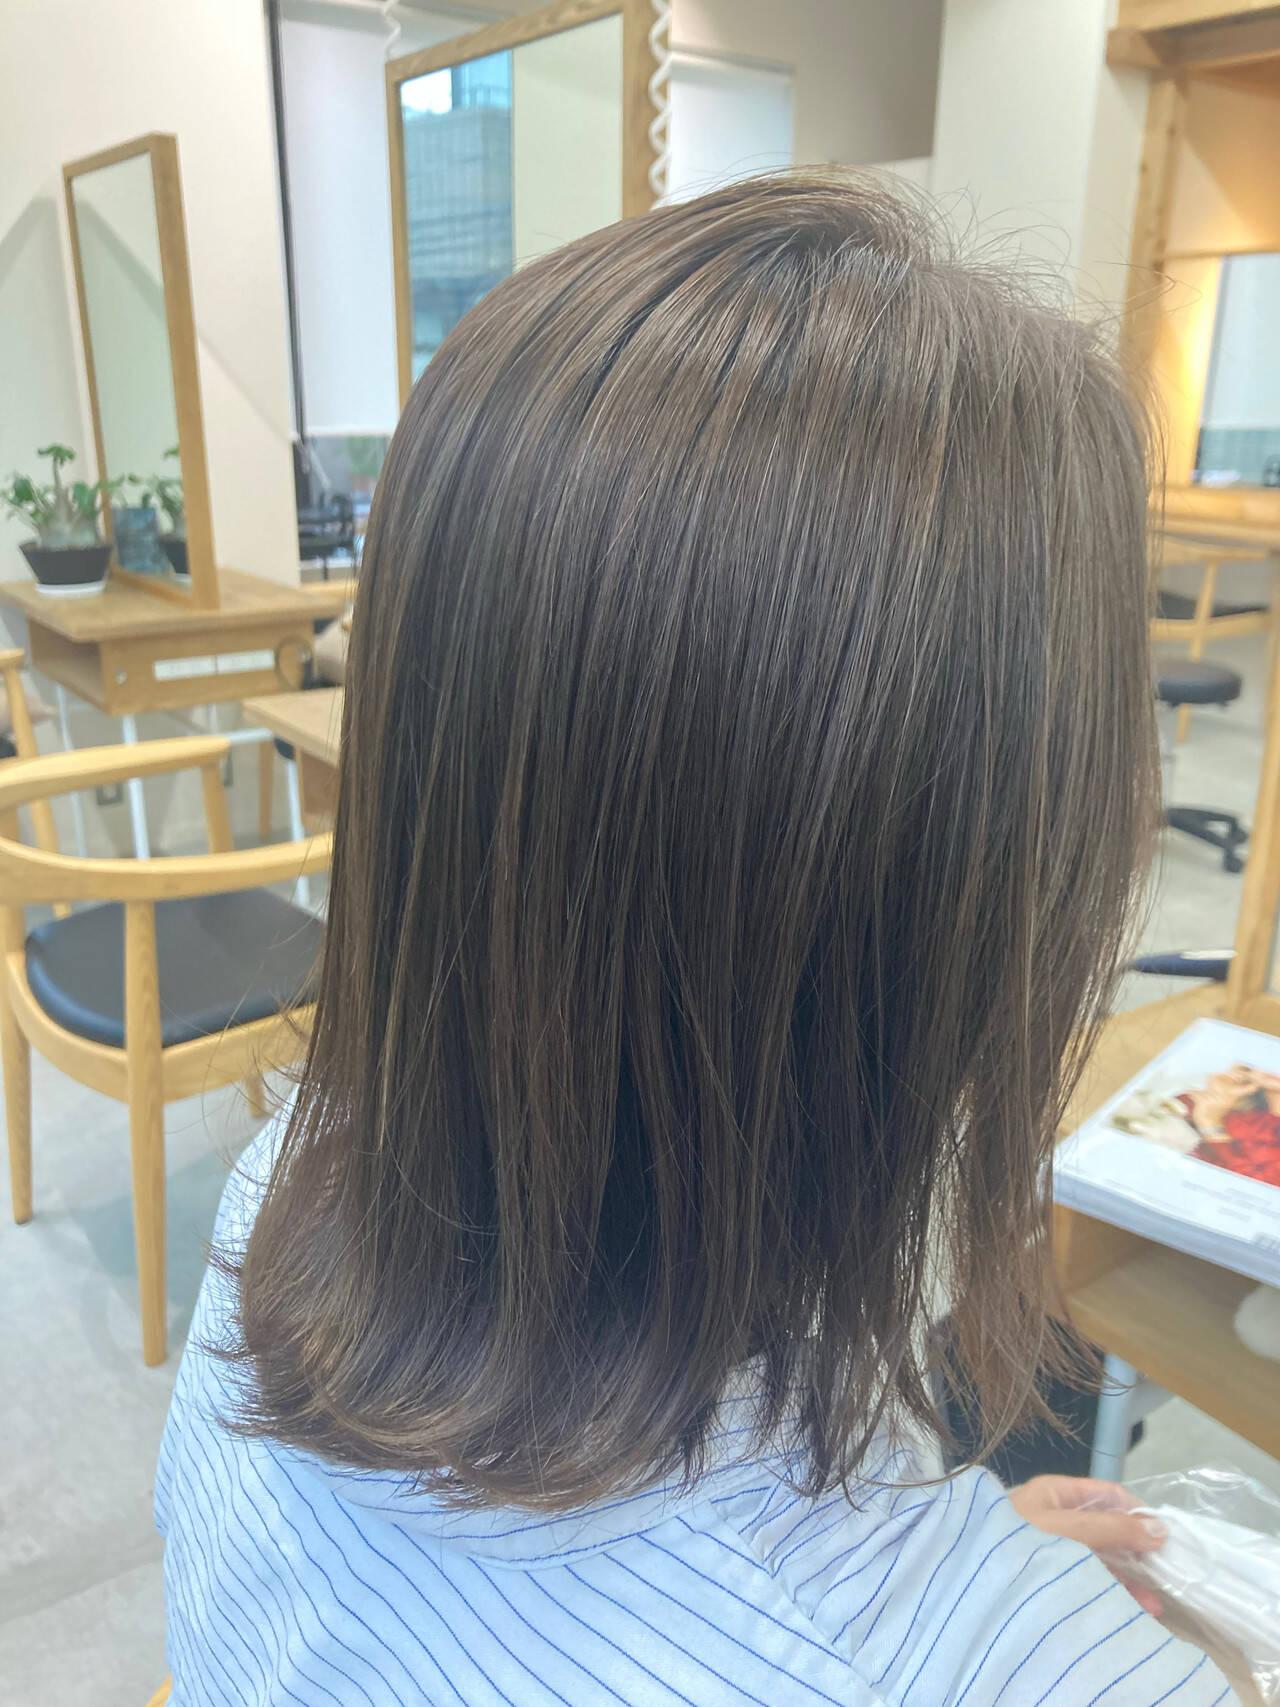 ボブ アンニュイほつれヘア 簡単ヘアアレンジ ナチュラルヘアスタイルや髪型の写真・画像